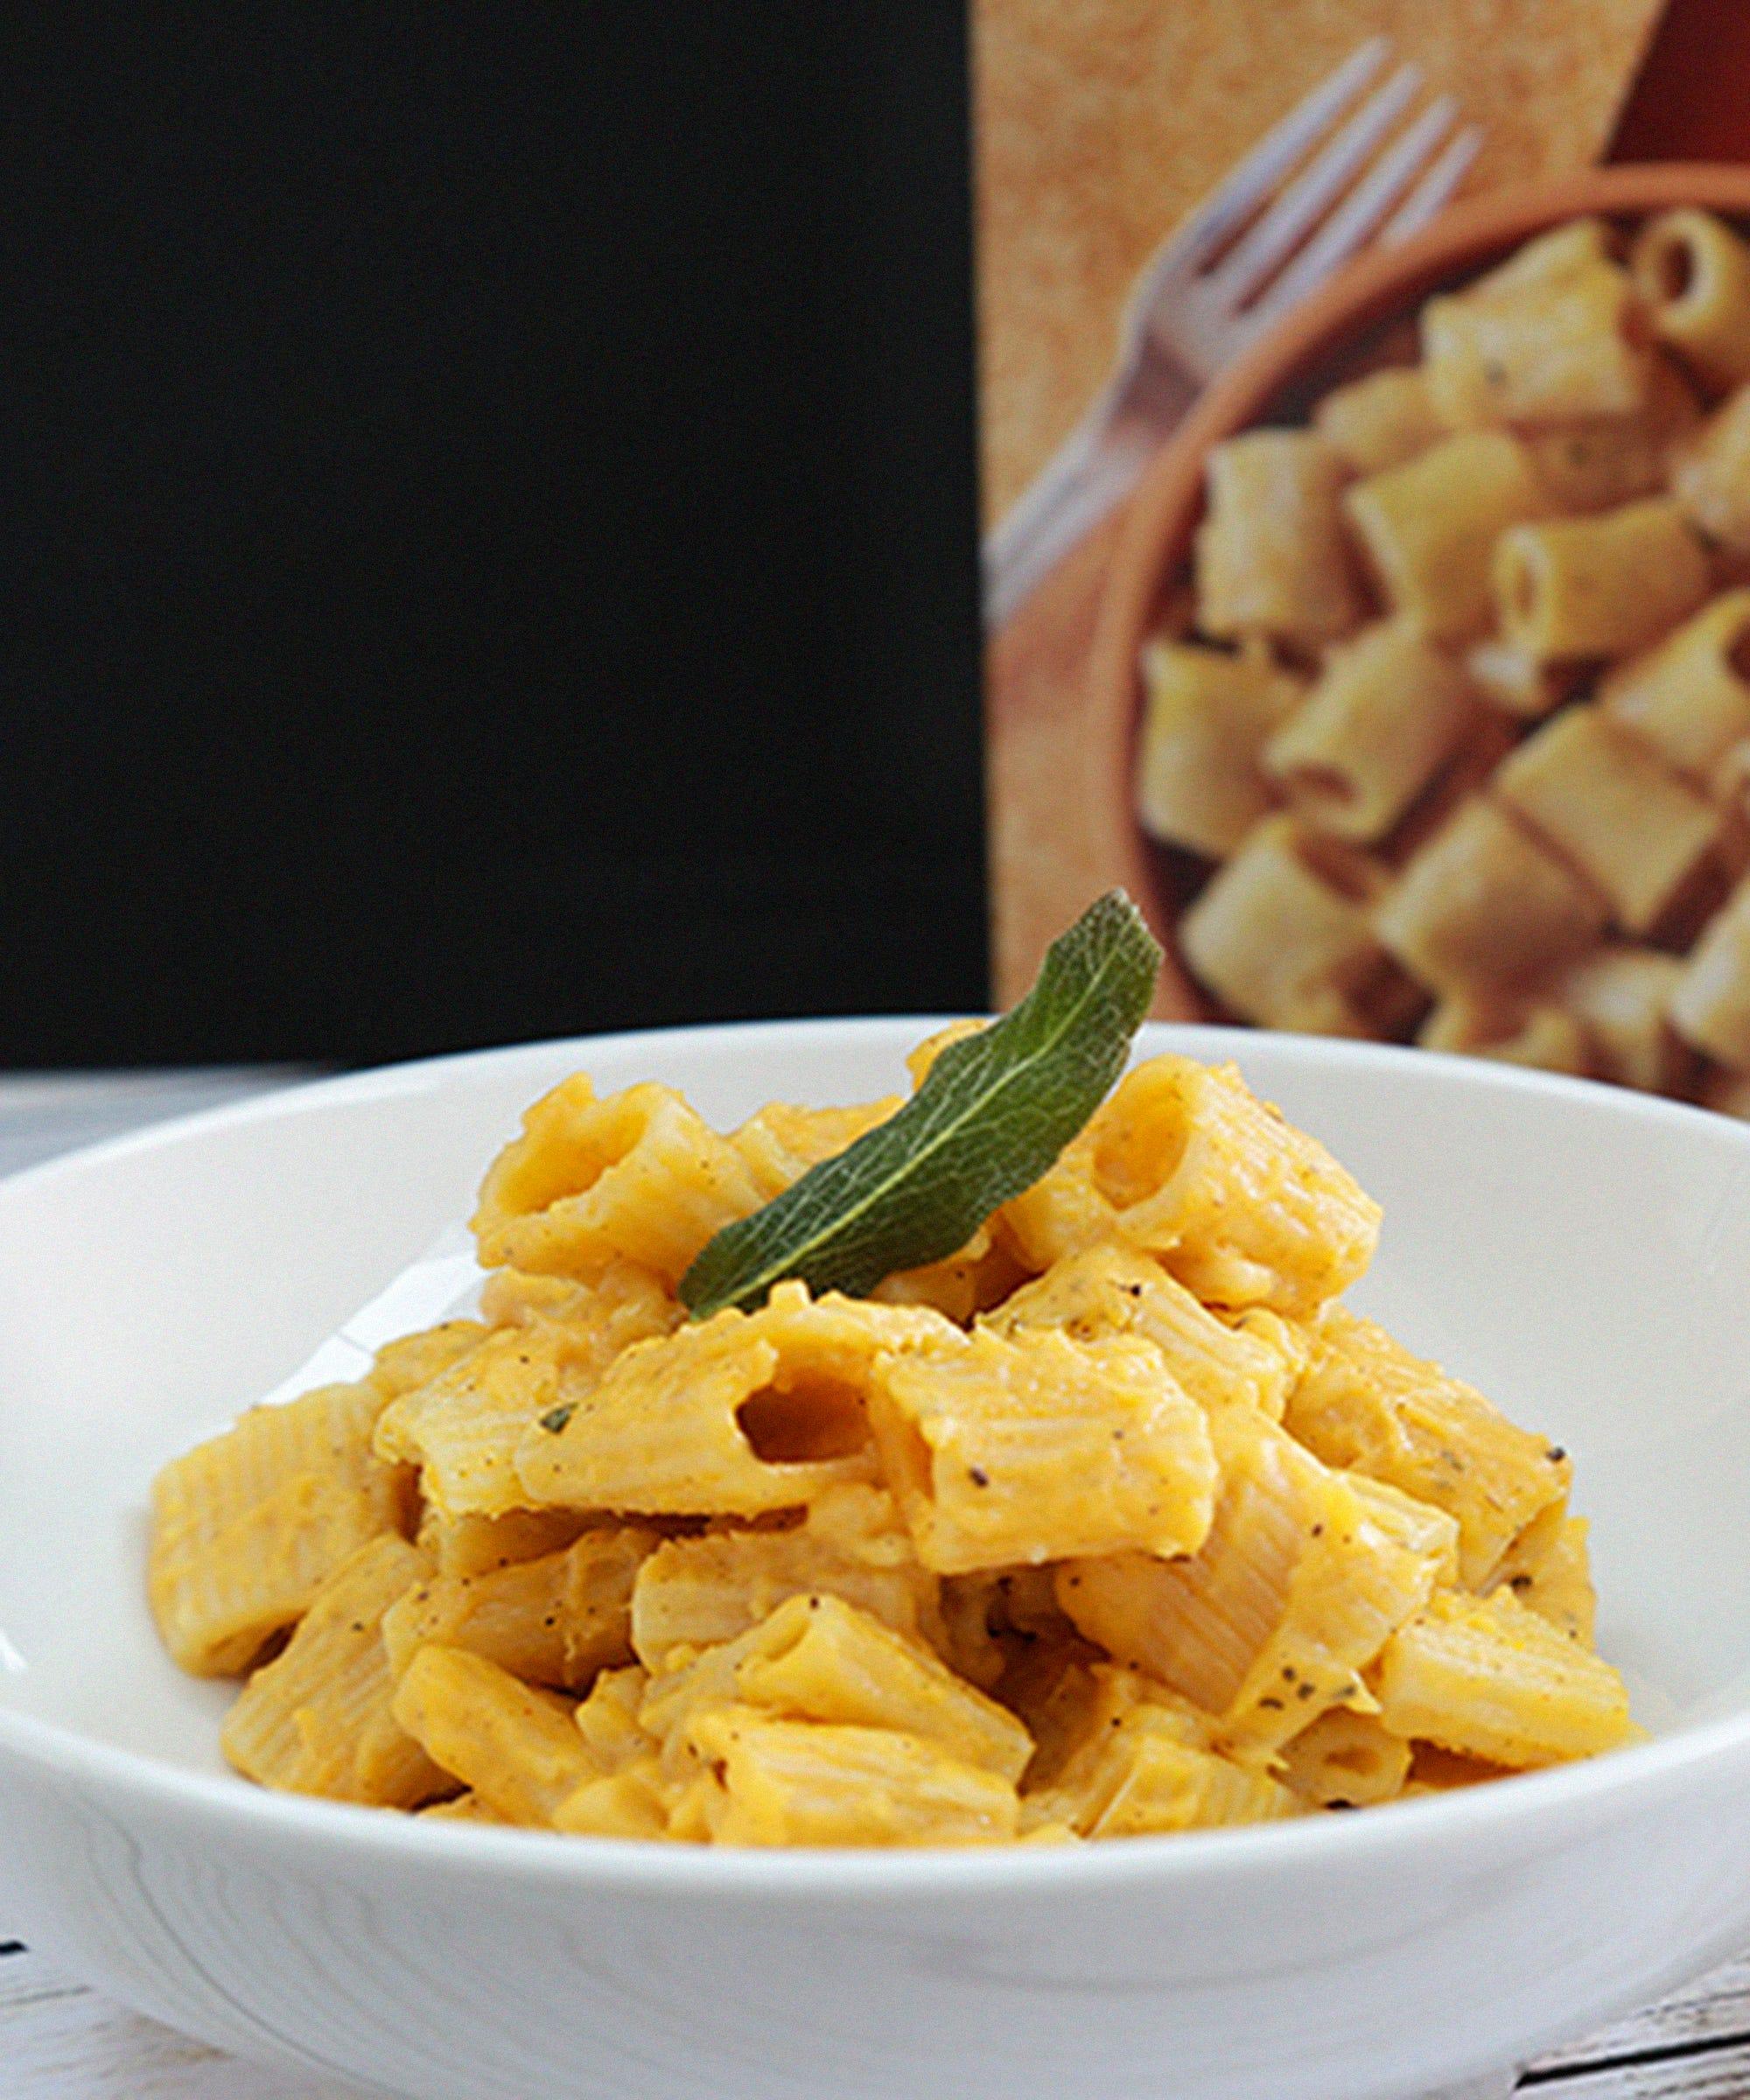 Logiciel conception cuisine 3d gratuit beautiful - Ikea cuisine 3d mac ...